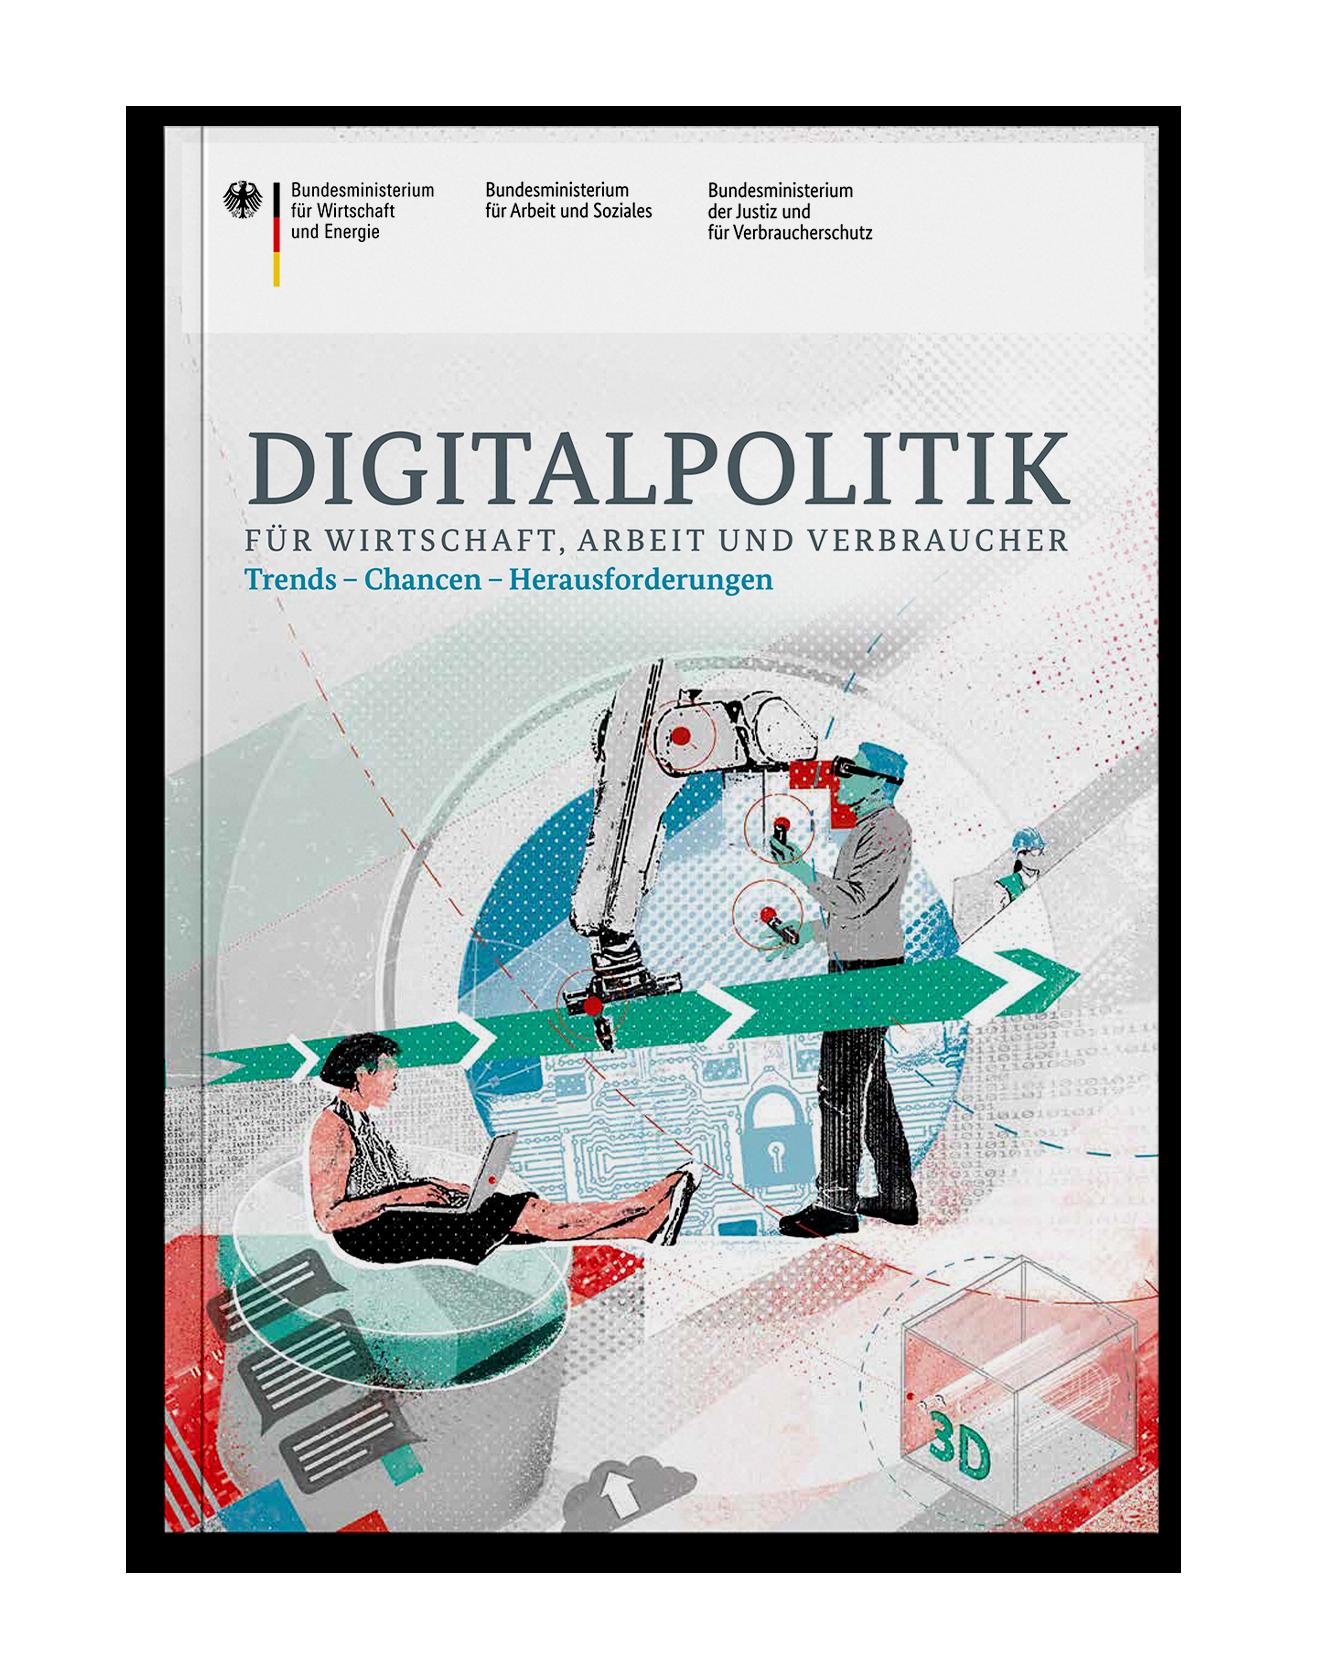 Coverdesign Digitalpolitik für das Bundesministerium für Wirtschaft und Energie